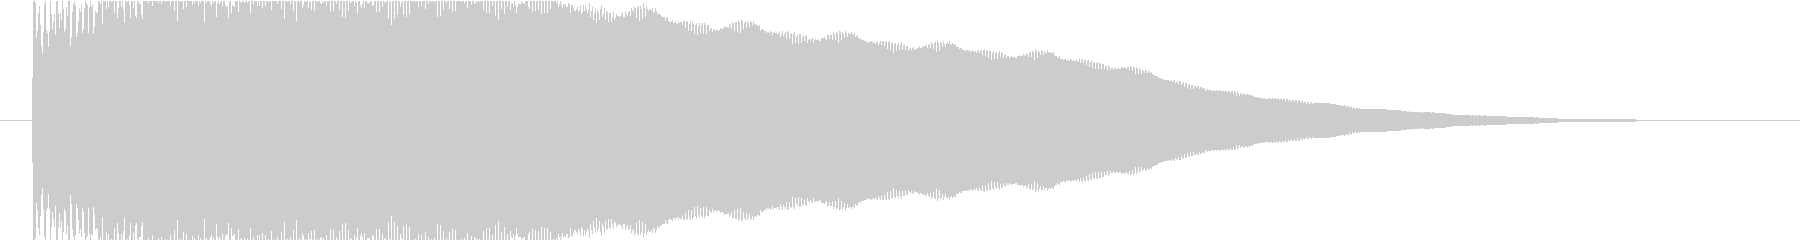 パーカッション サブメタルインパクト02の未再生の波形